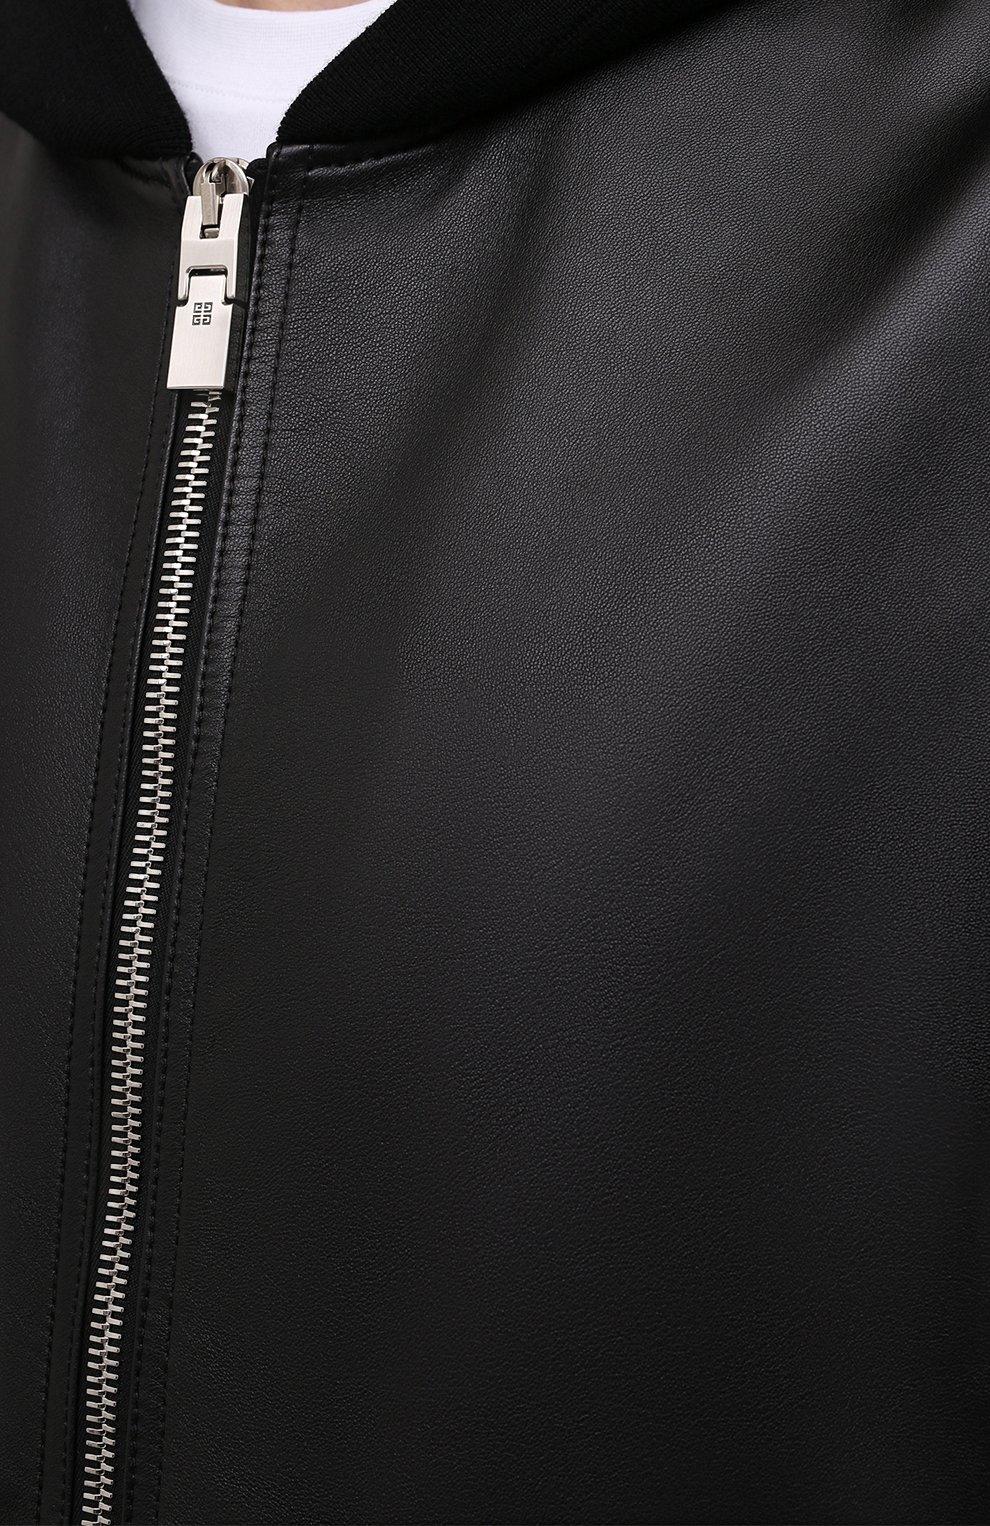 Мужская кожаная куртка GIVENCHY черного цвета, арт. BM00QP6003   Фото 5 (Кросс-КТ: Куртка; Рукава: Длинные; Стили: Панк; Мужское Кросс-КТ: Кожа и замша; Длина (верхняя одежда): Короткие; Материал подклада: Купро)